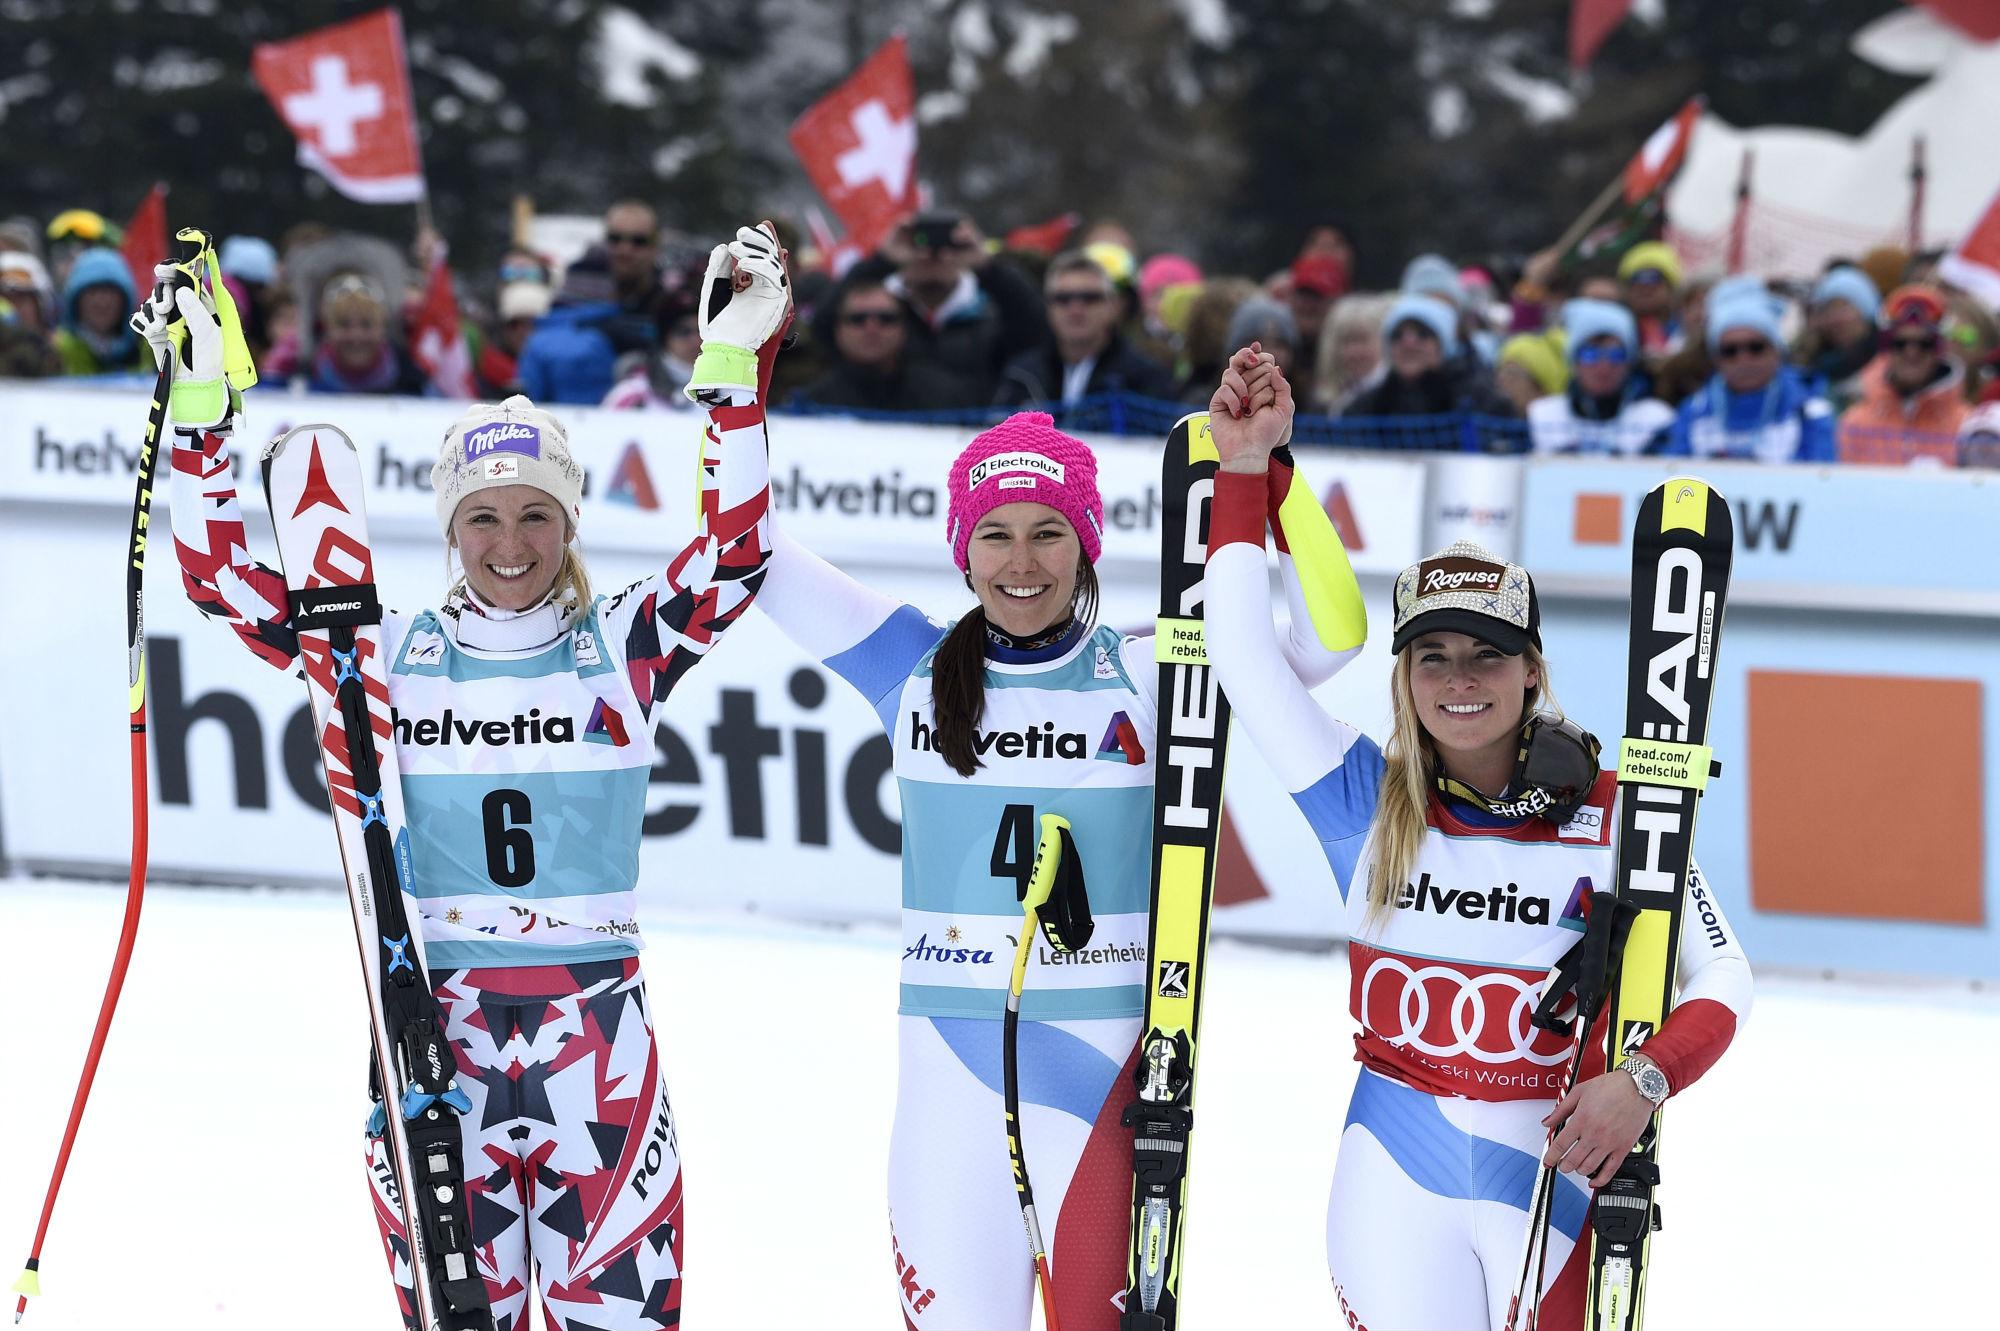 Il podio della combinata alpina a Lenzerheide: Kirchgasser, Holdener, Gut